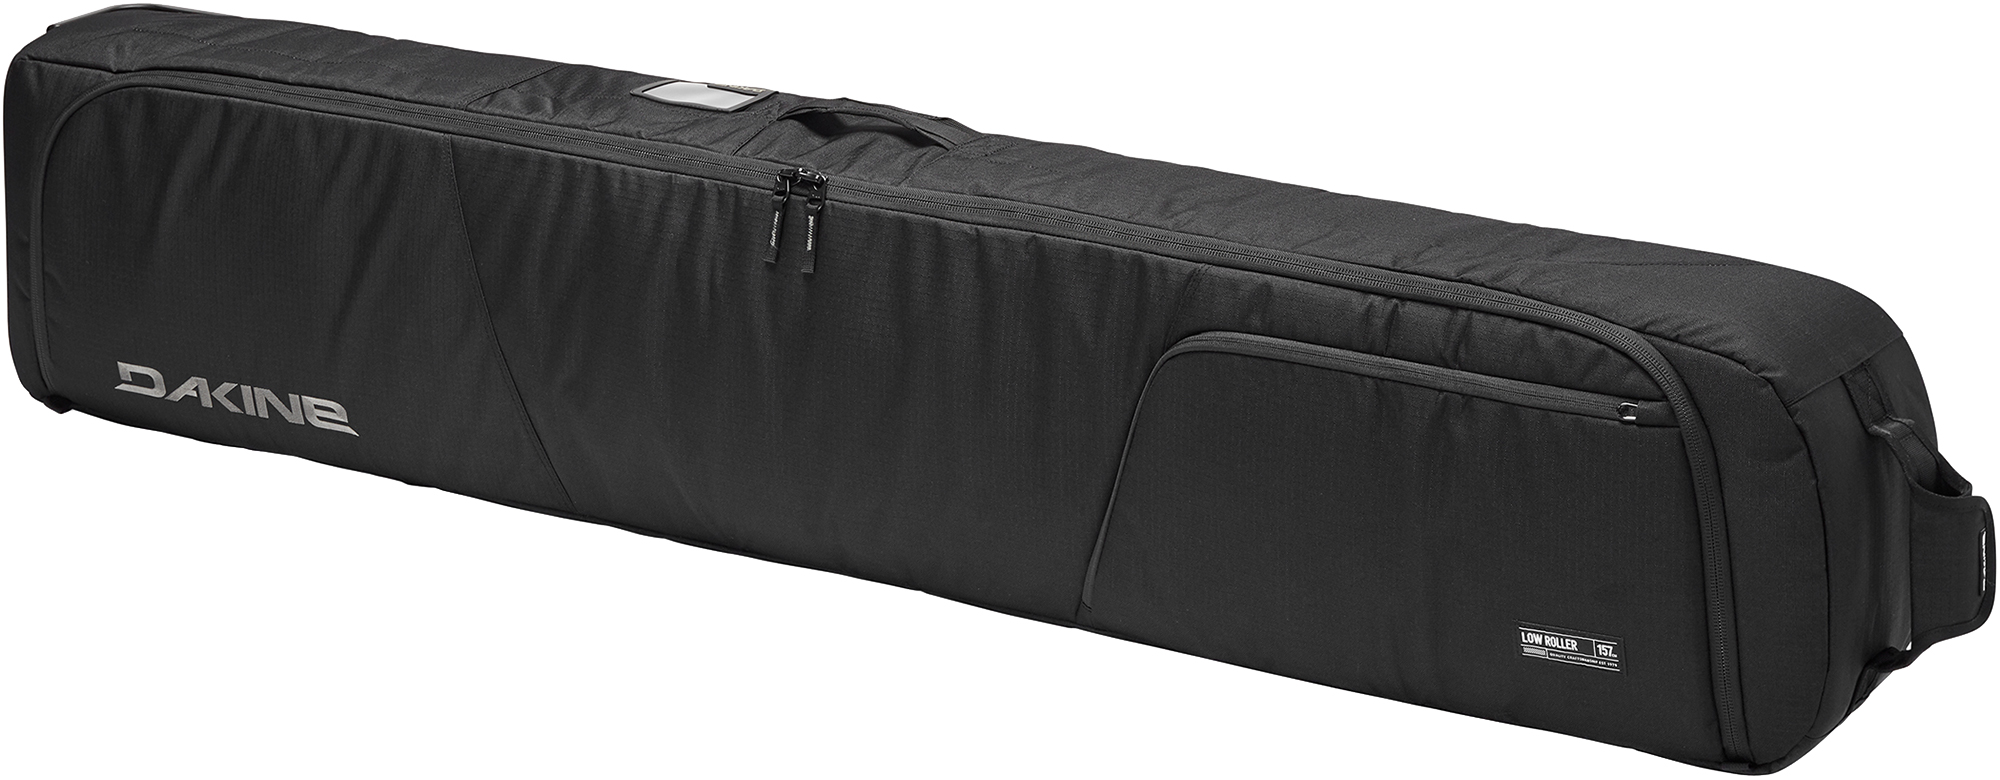 Dakine Чехол для сноуборда Dakine DK Low Roller, 165 см сумка с колесами dakine womens duffle roller 58l fiesta fst